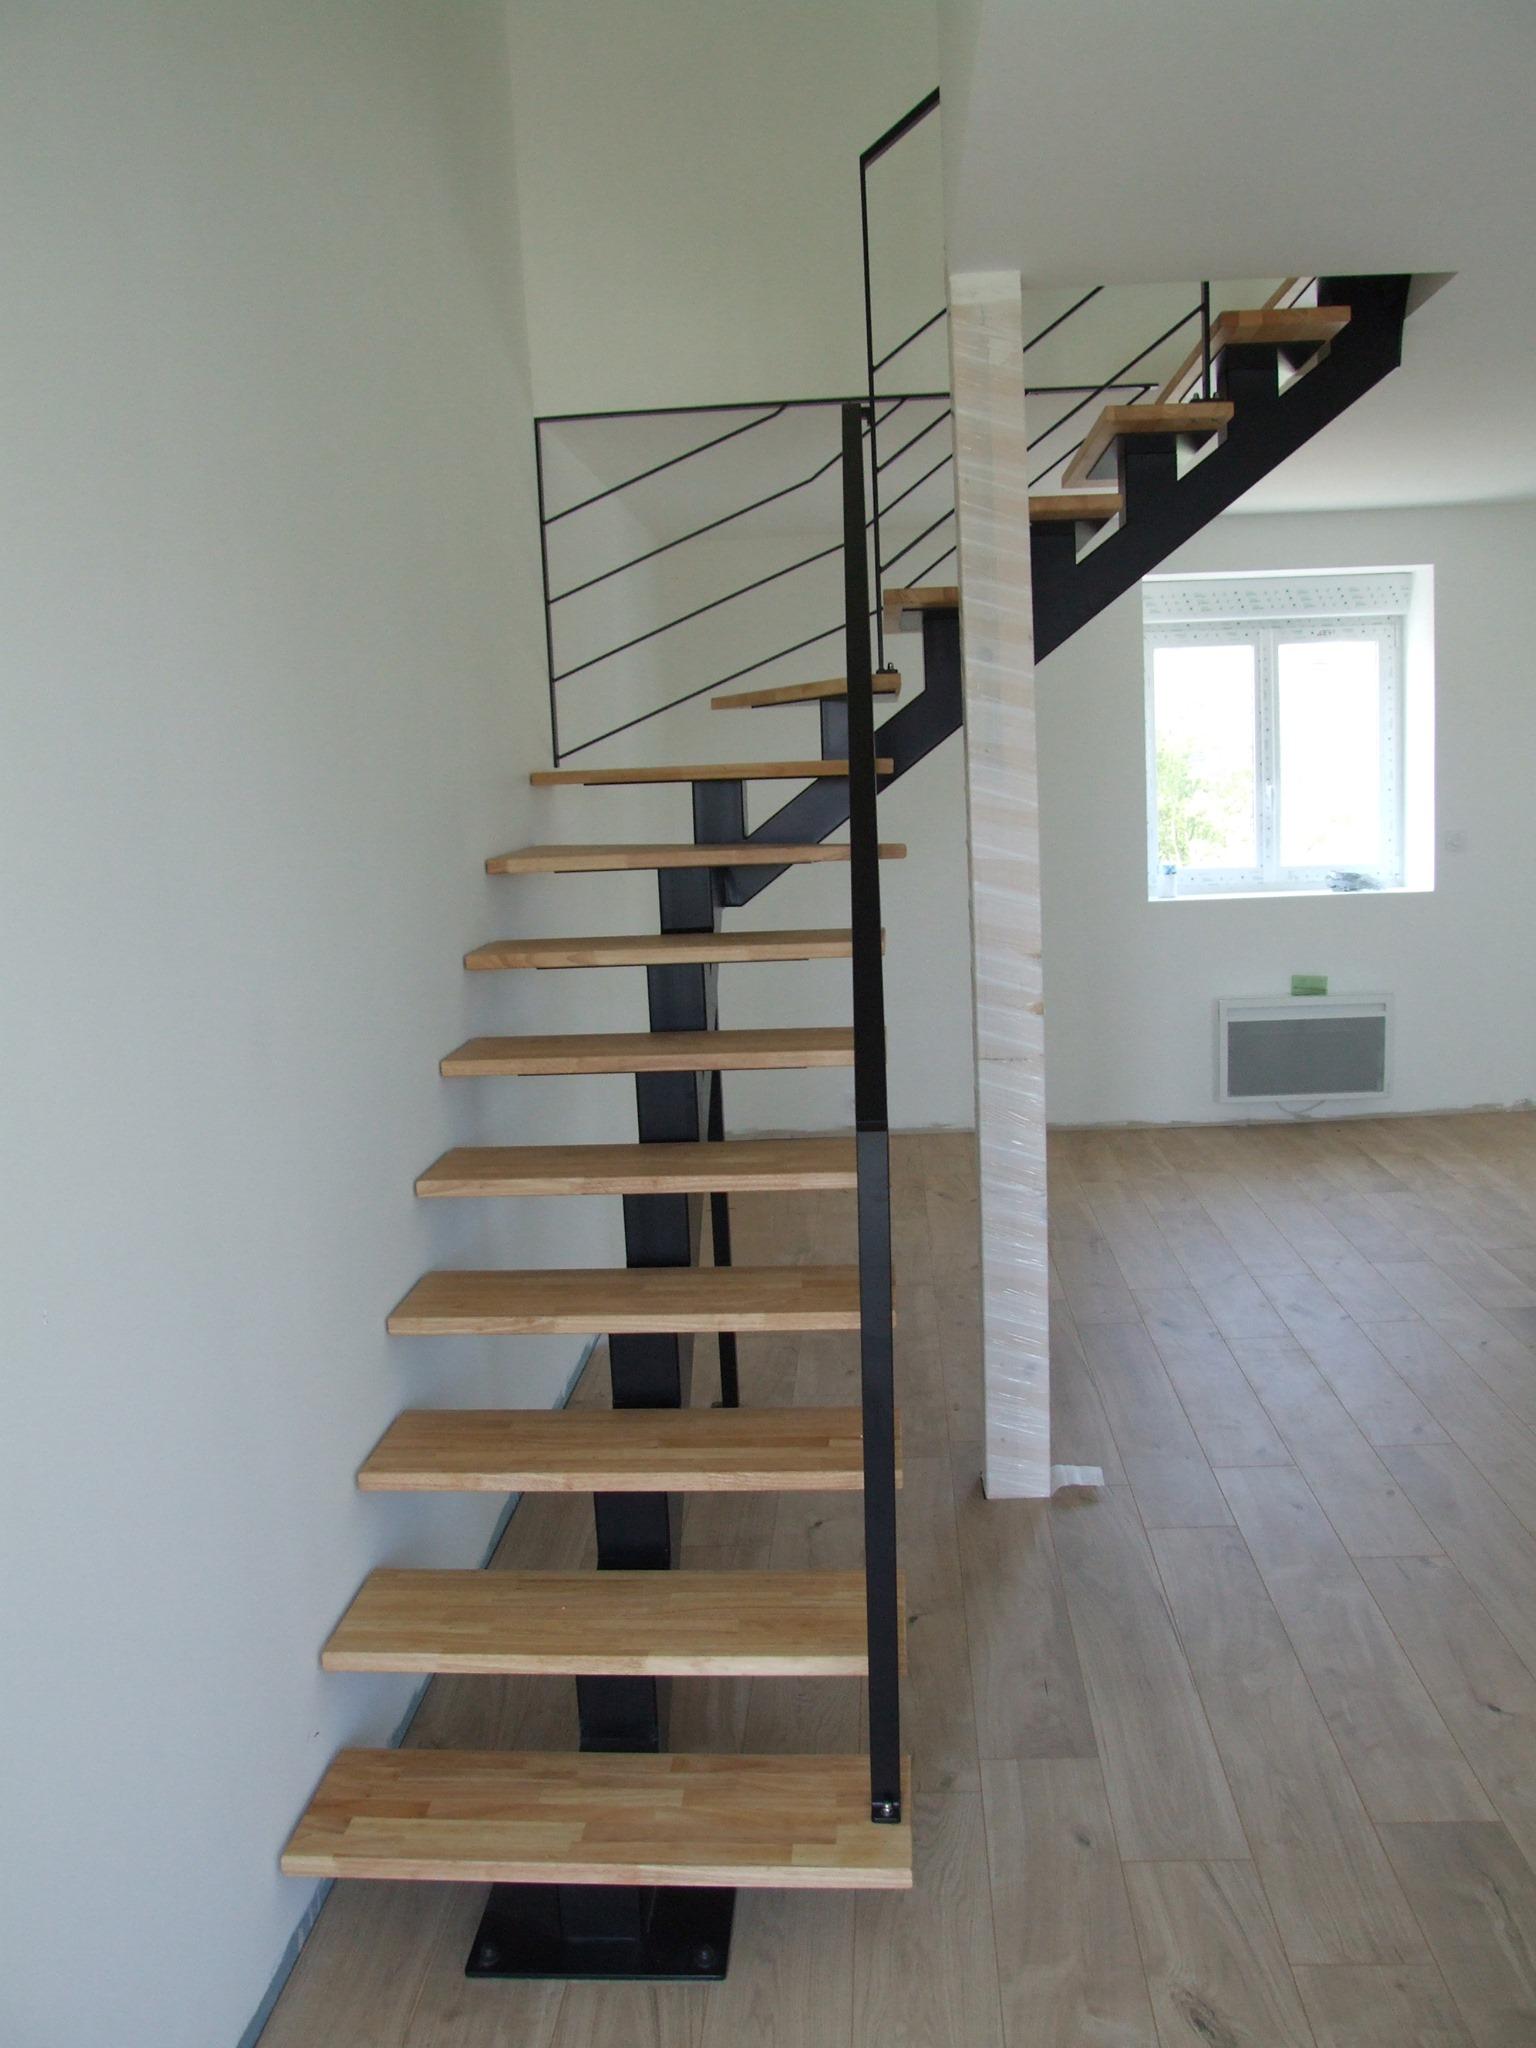 Escaliers jumeaux séparés :